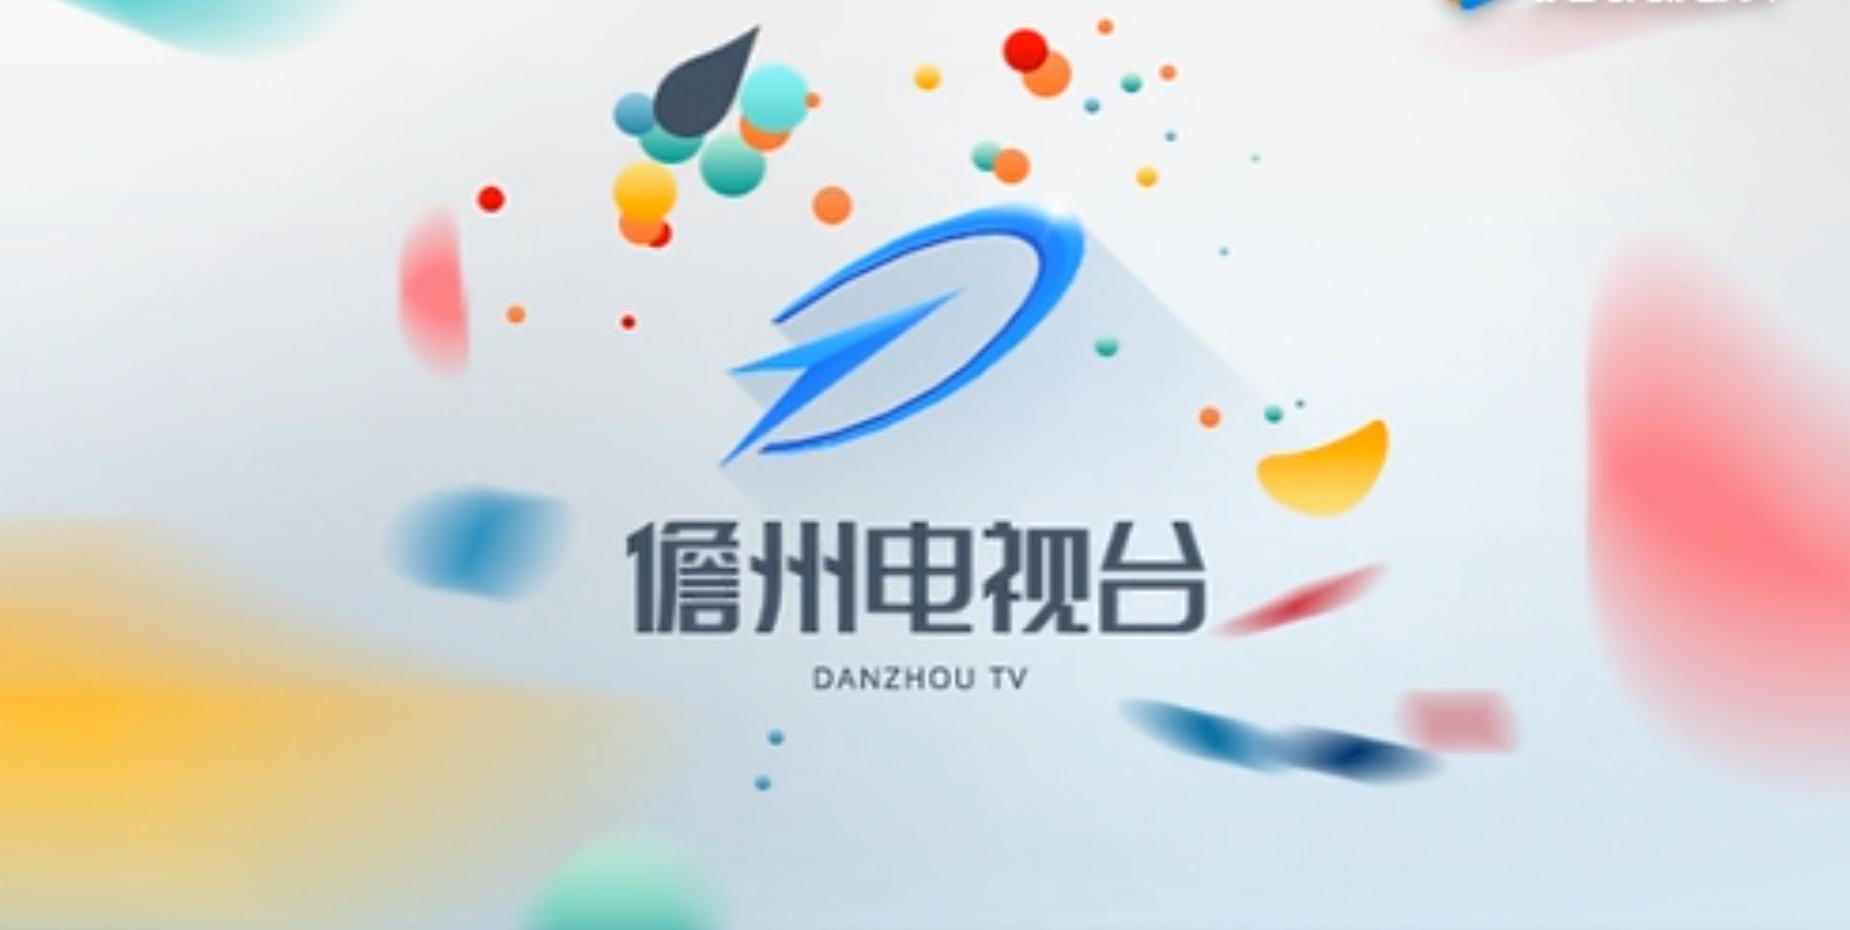 儋州电视台id